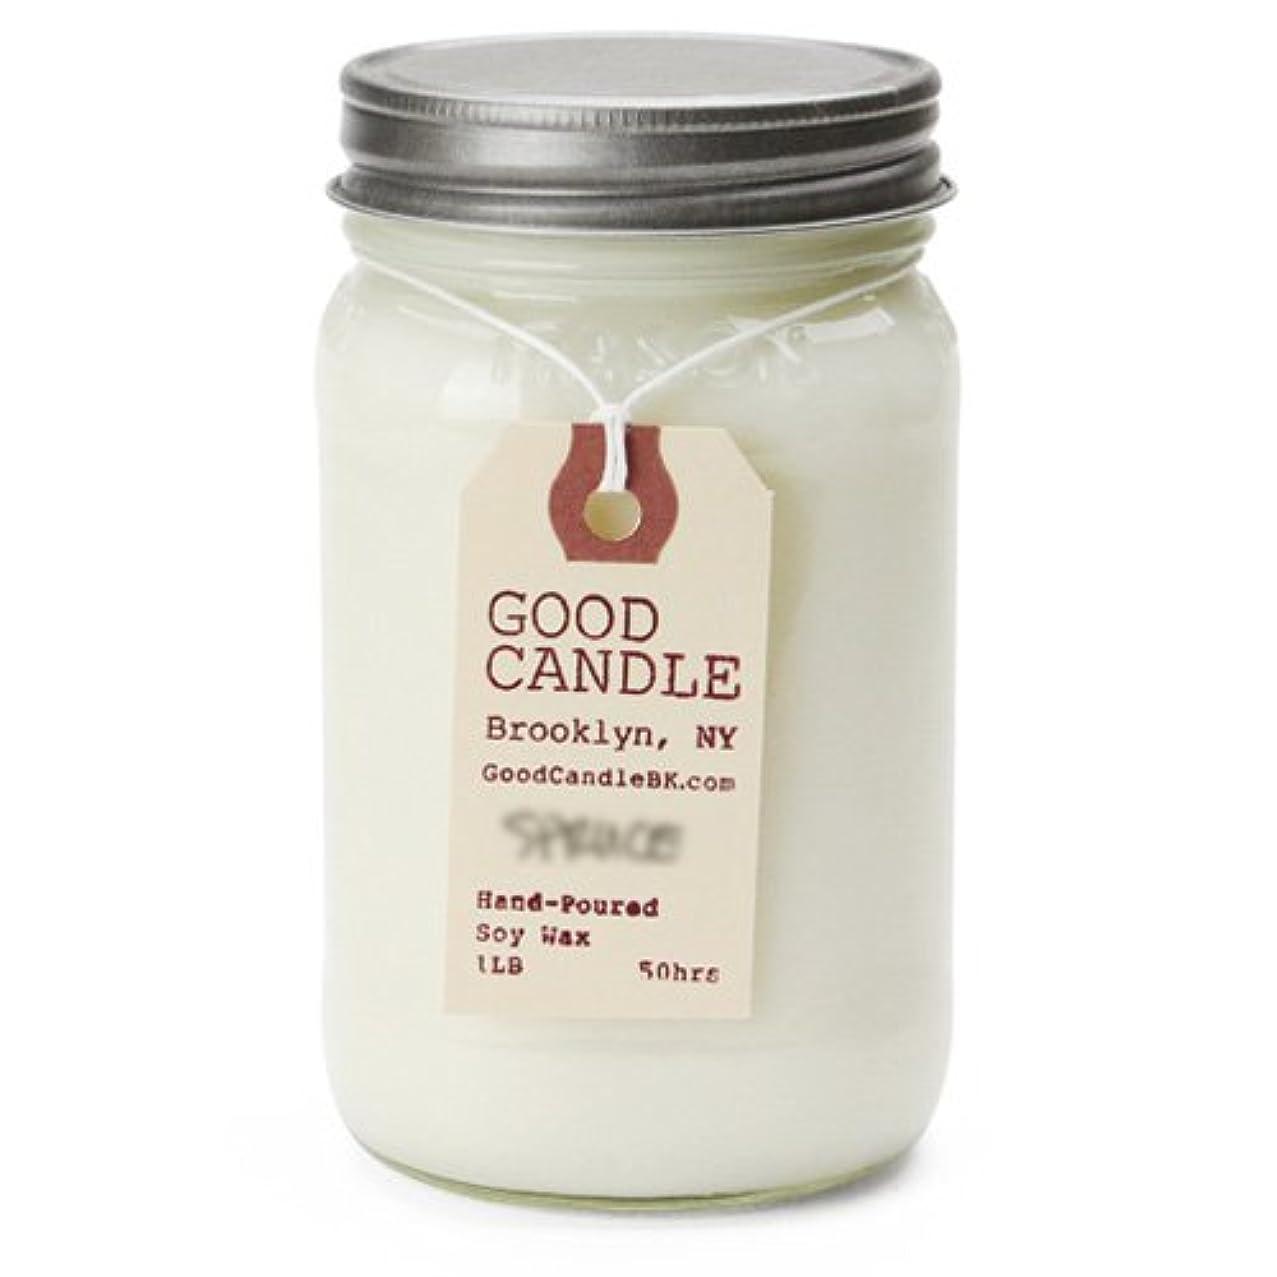 ピグマリオン更新魔女グッドキャンドル 1ポンド メイソンジャー キャンドル Good Candle 1LB Mason jar candle [ Fig ] 正規品